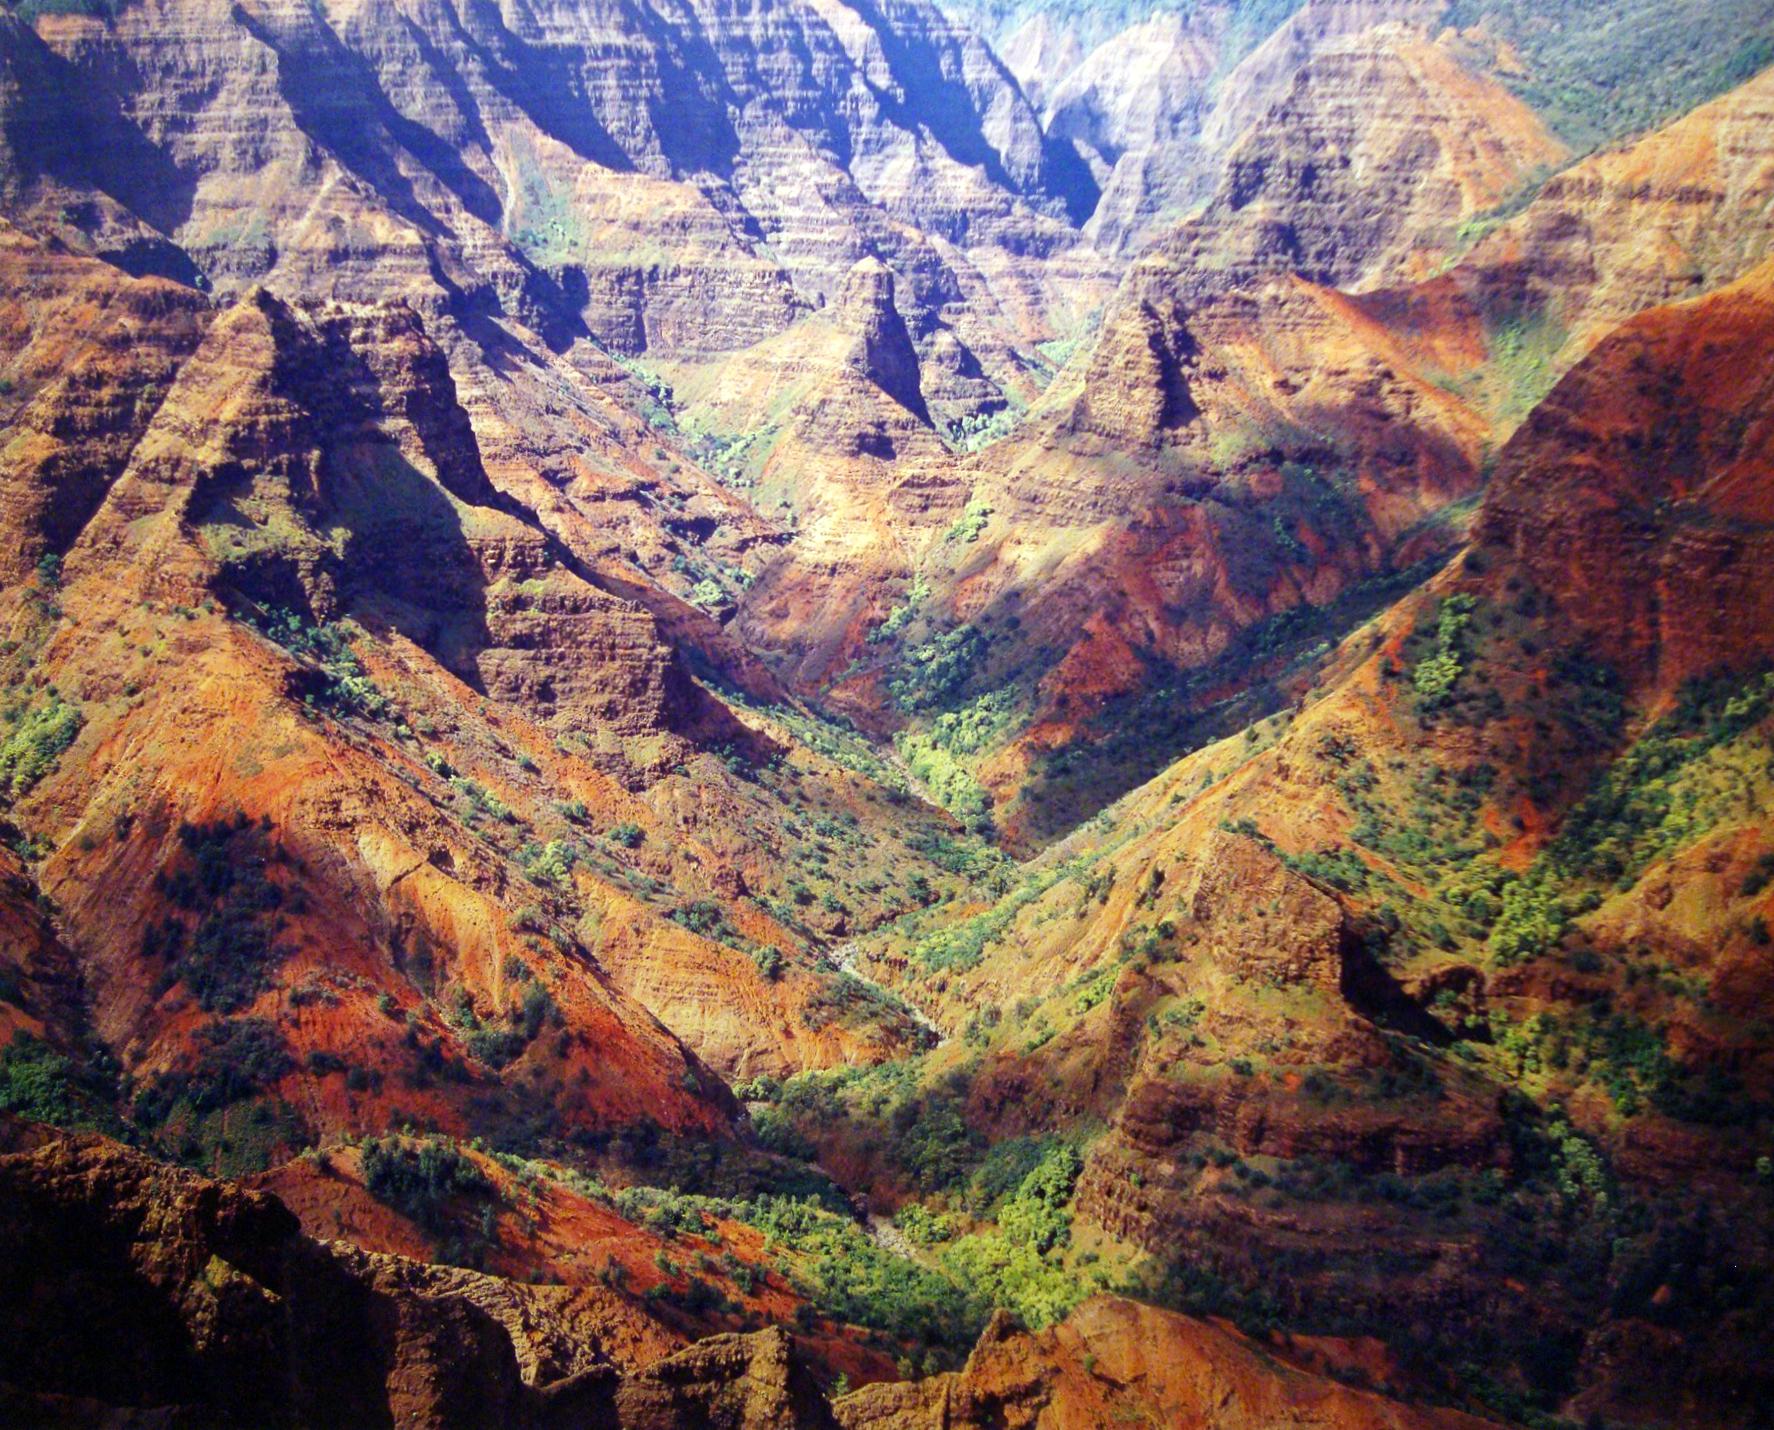 """Christopher Burkett """"Waimea Canyon, Sunlight & Cloud Shadows,"""" Hawaii  Cibachrome Photograph  Available in 20"""" x 24"""", 30"""" x 40"""", and 40"""" x 50"""""""